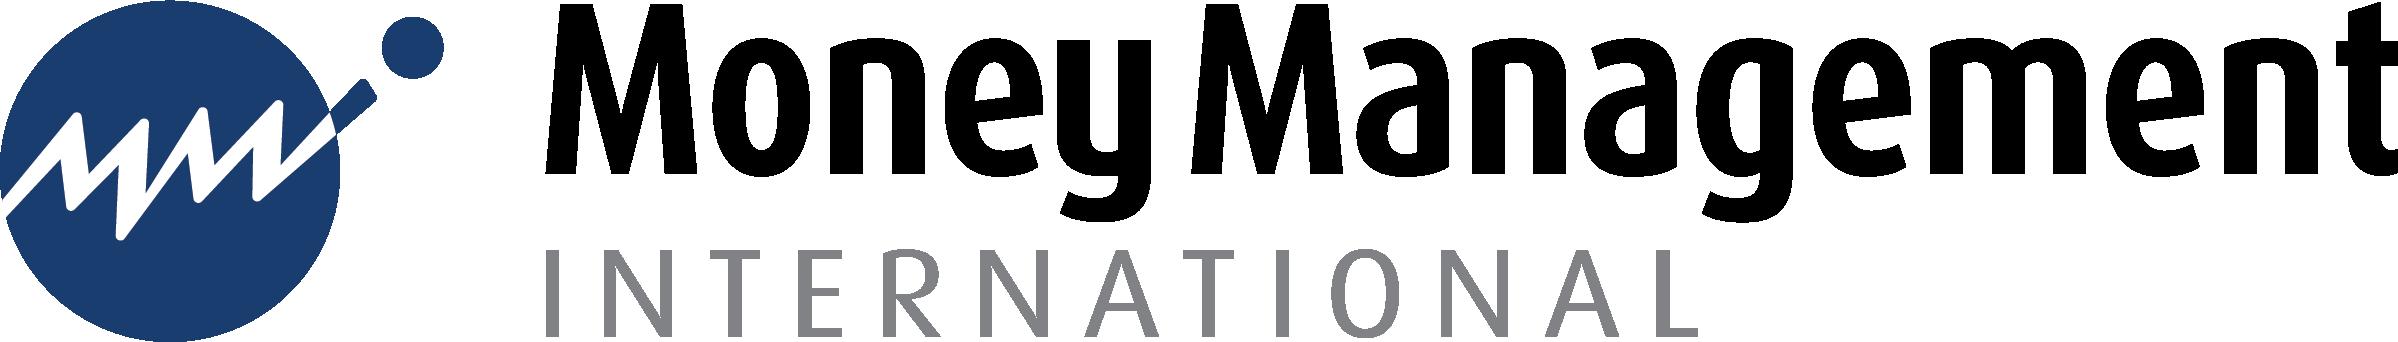 MMI-Long-Logo-PMS